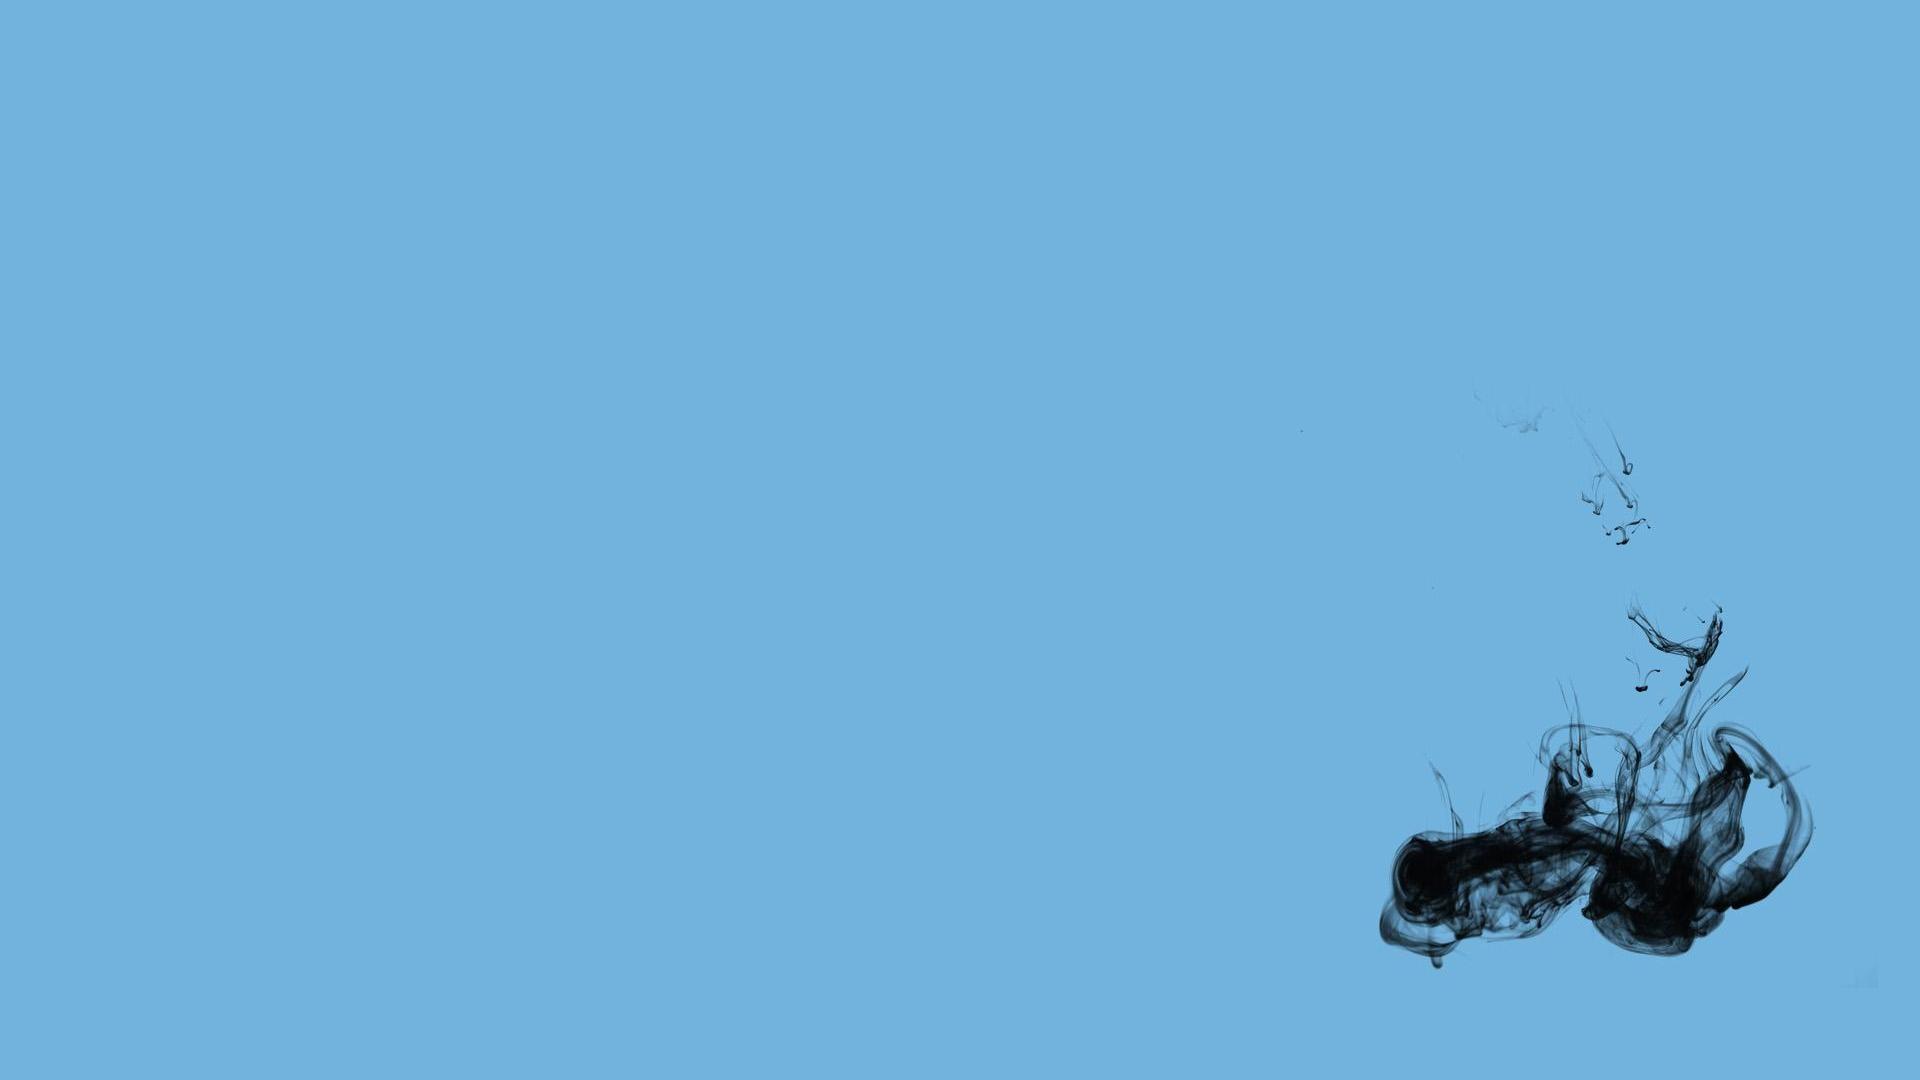 Baby Blue Wallpapers – WallpaperSafari · cdn.wallpapersafari.com